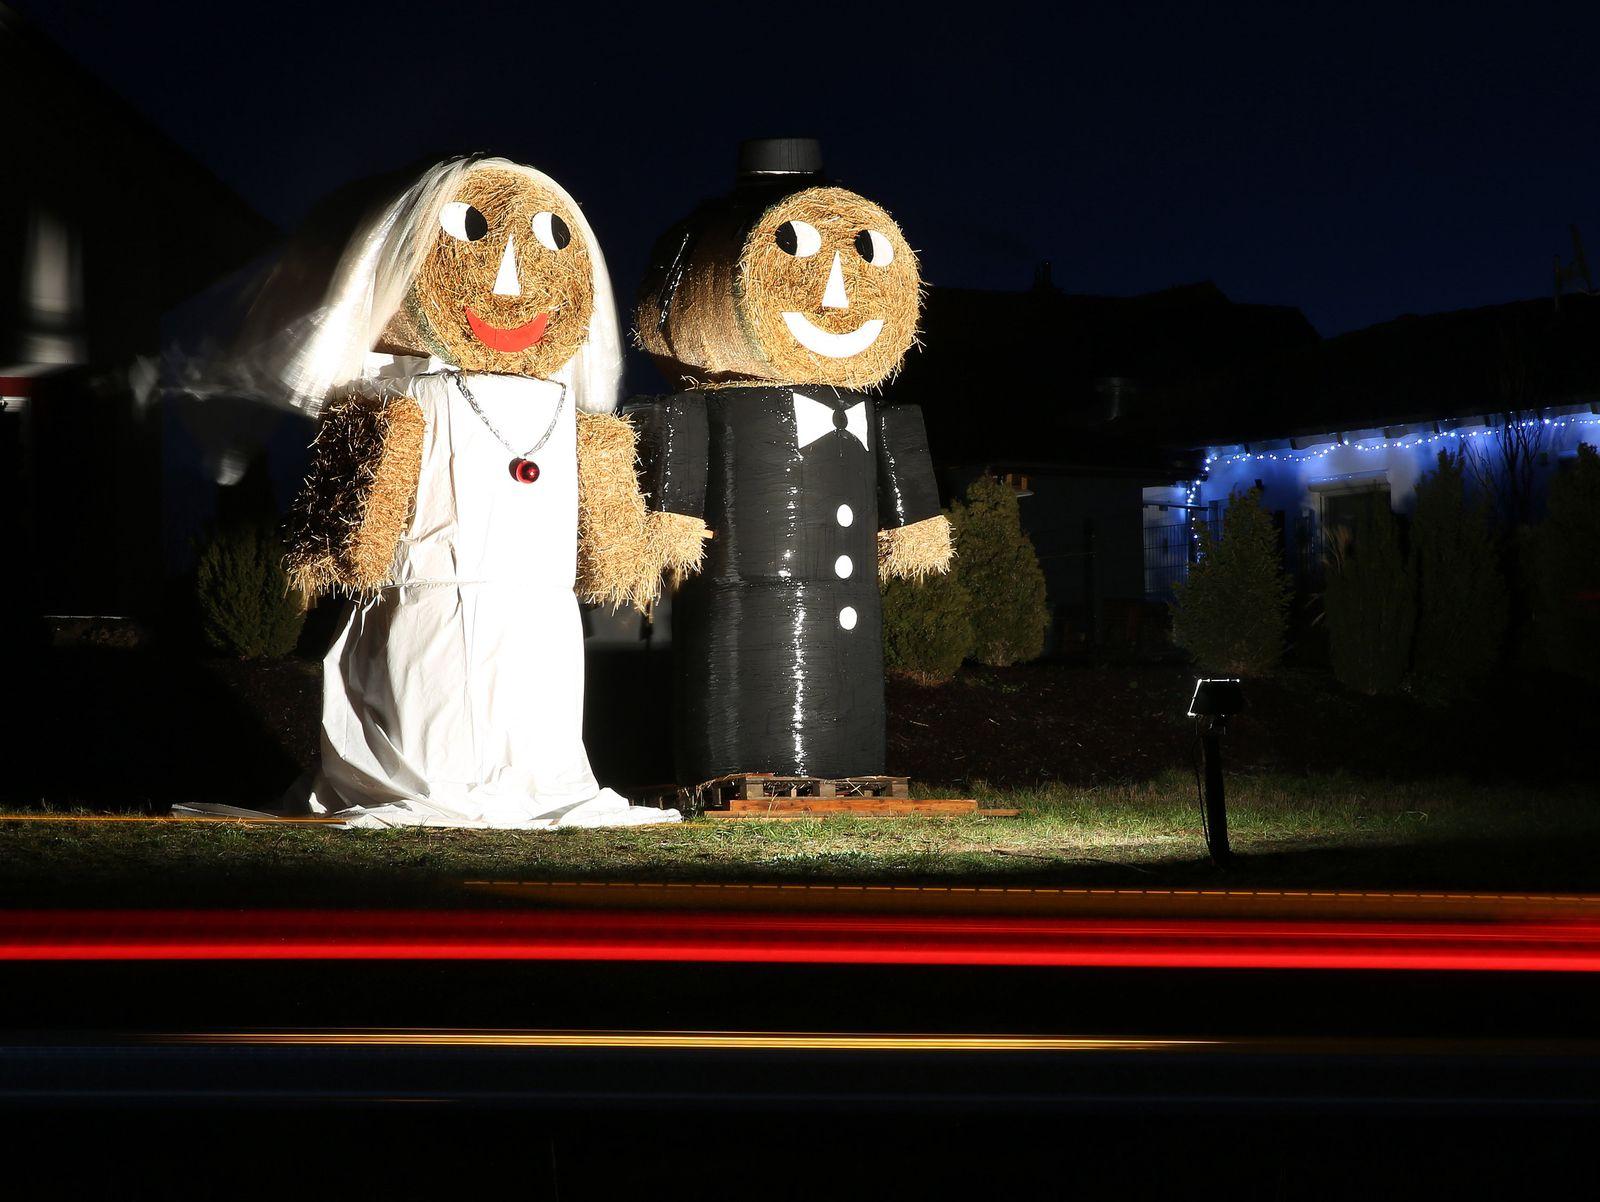 Hochzeitspaar aus Strohballen